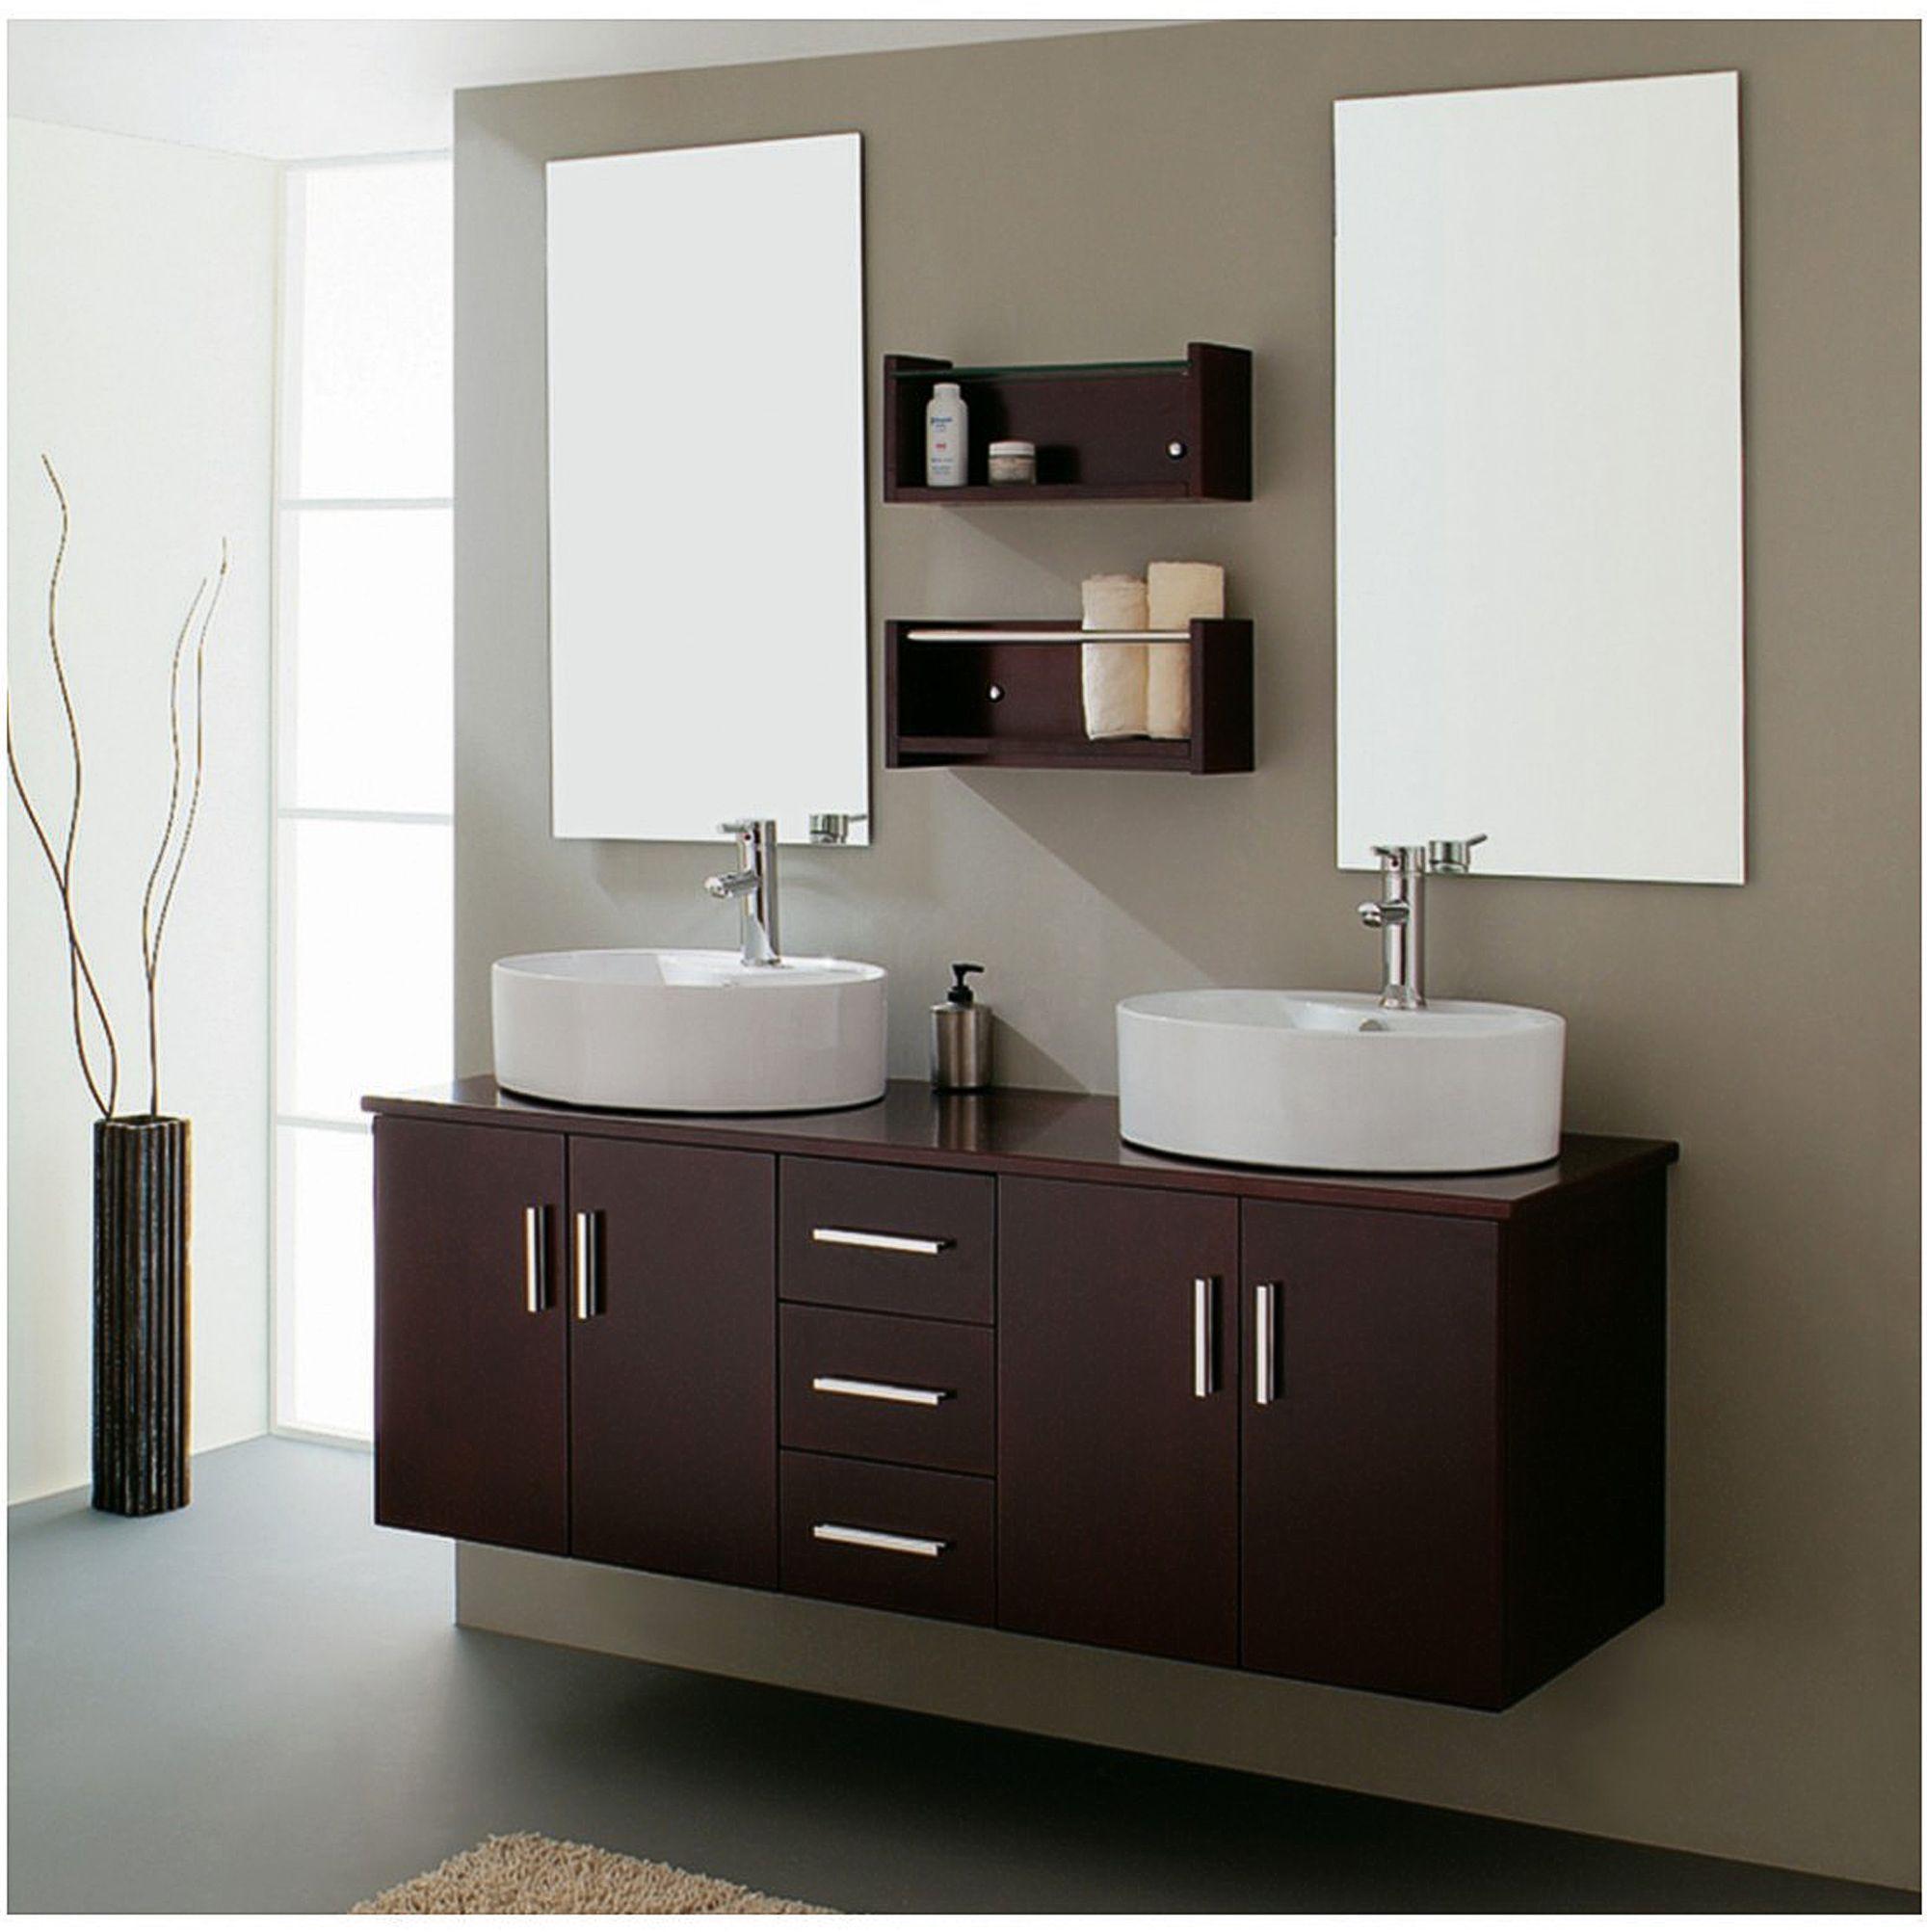 Bathroom Bathroom Vanities Design Ideas With Picture